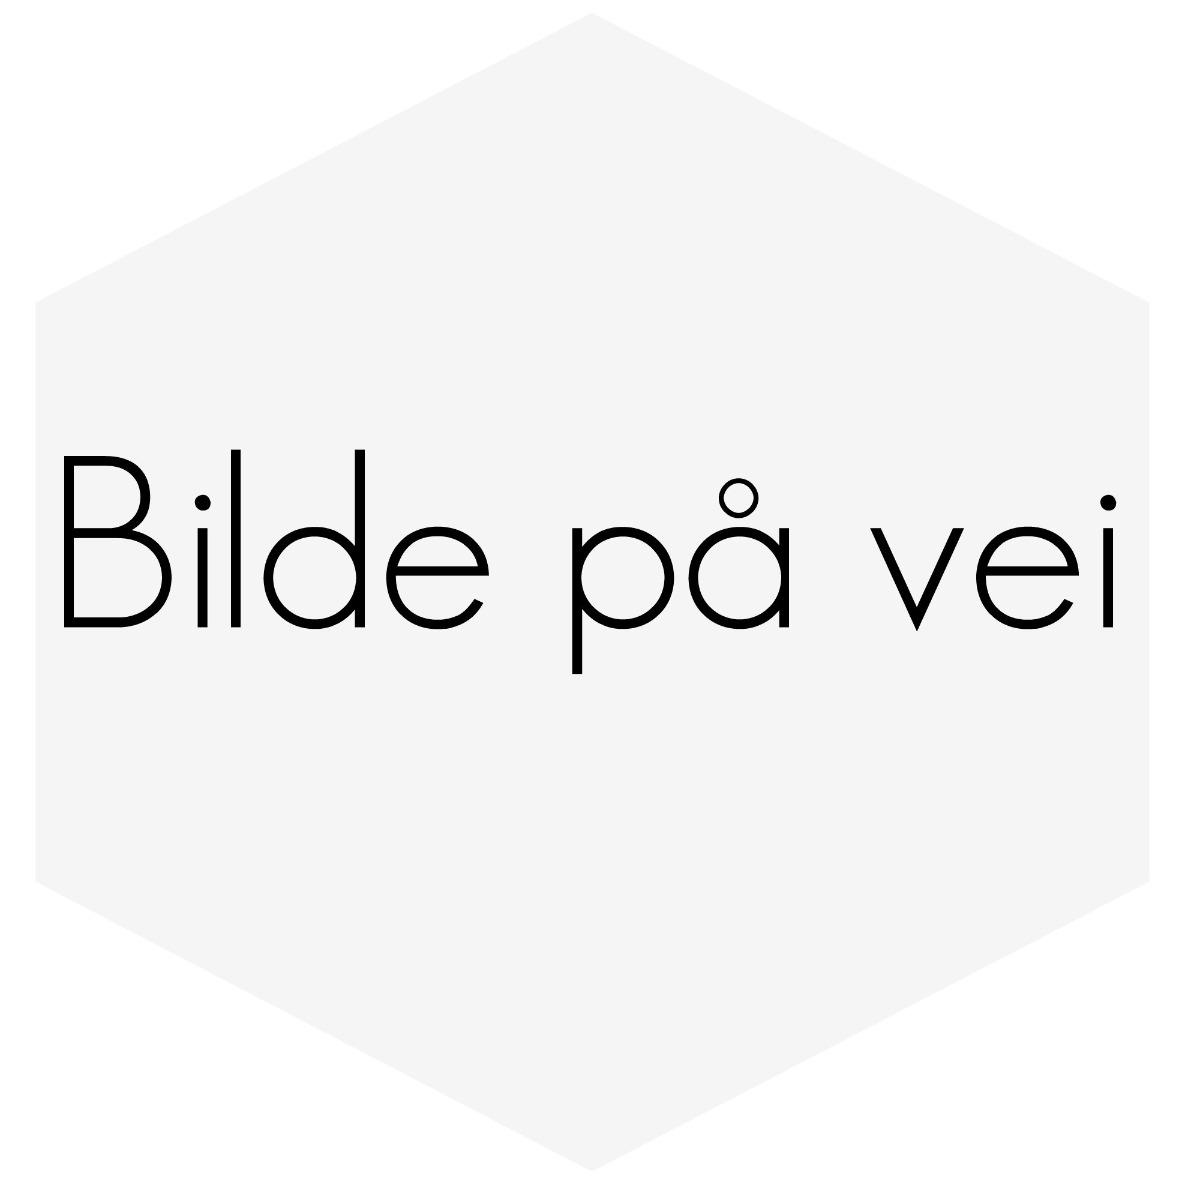 NÅL TIL FORGASSER 240-75-77 B19/21A B1EE